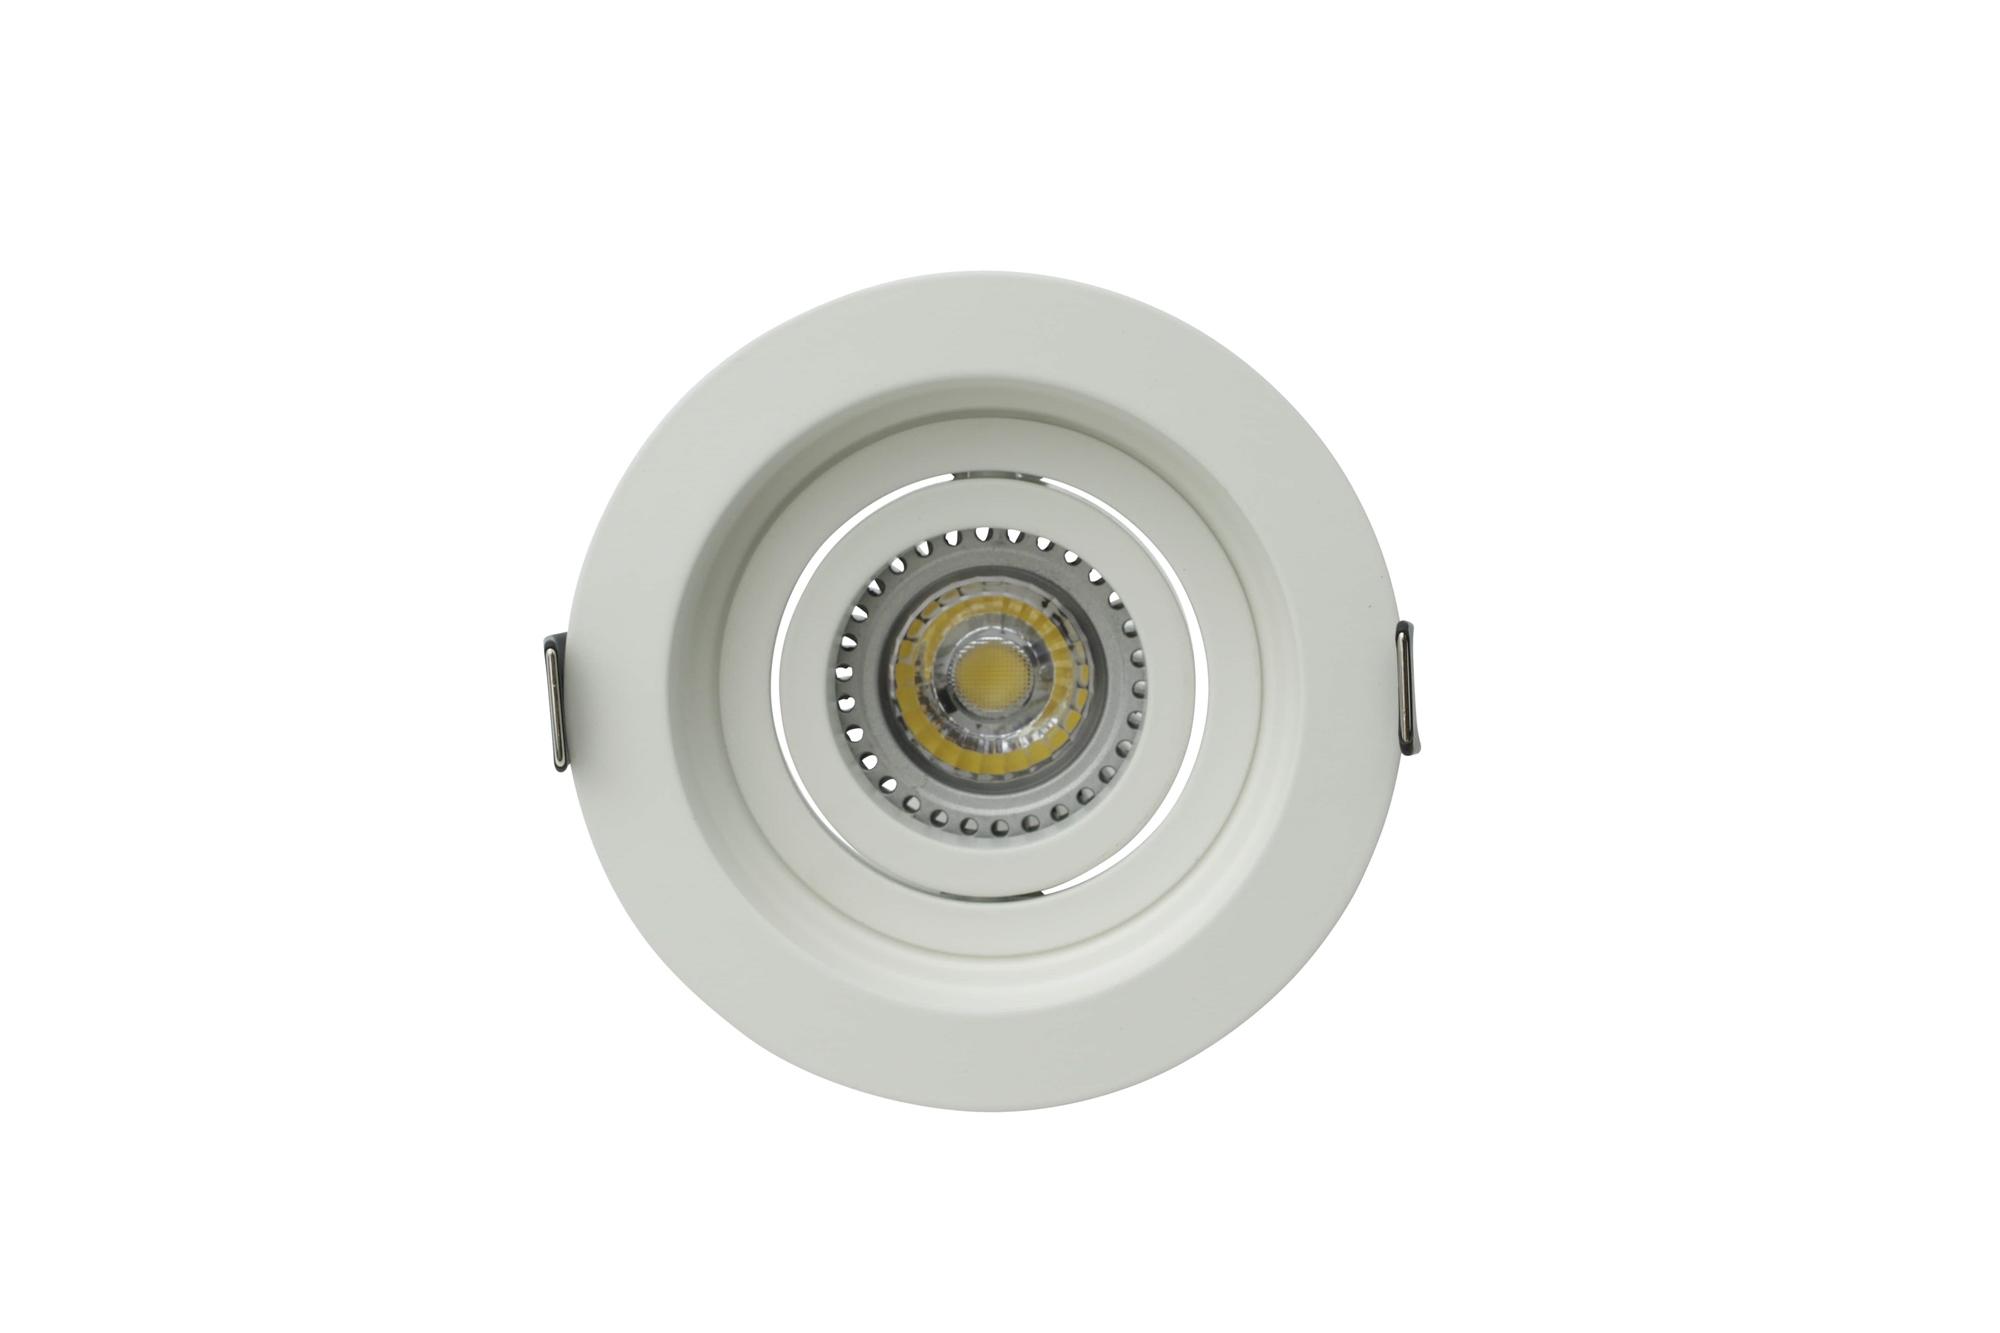 Lampenlux Einbaustrahler Sandi dreh- und schwenkbar Einbauspot Aluminium Downlight weiß ohne LED-Leuchtmittel